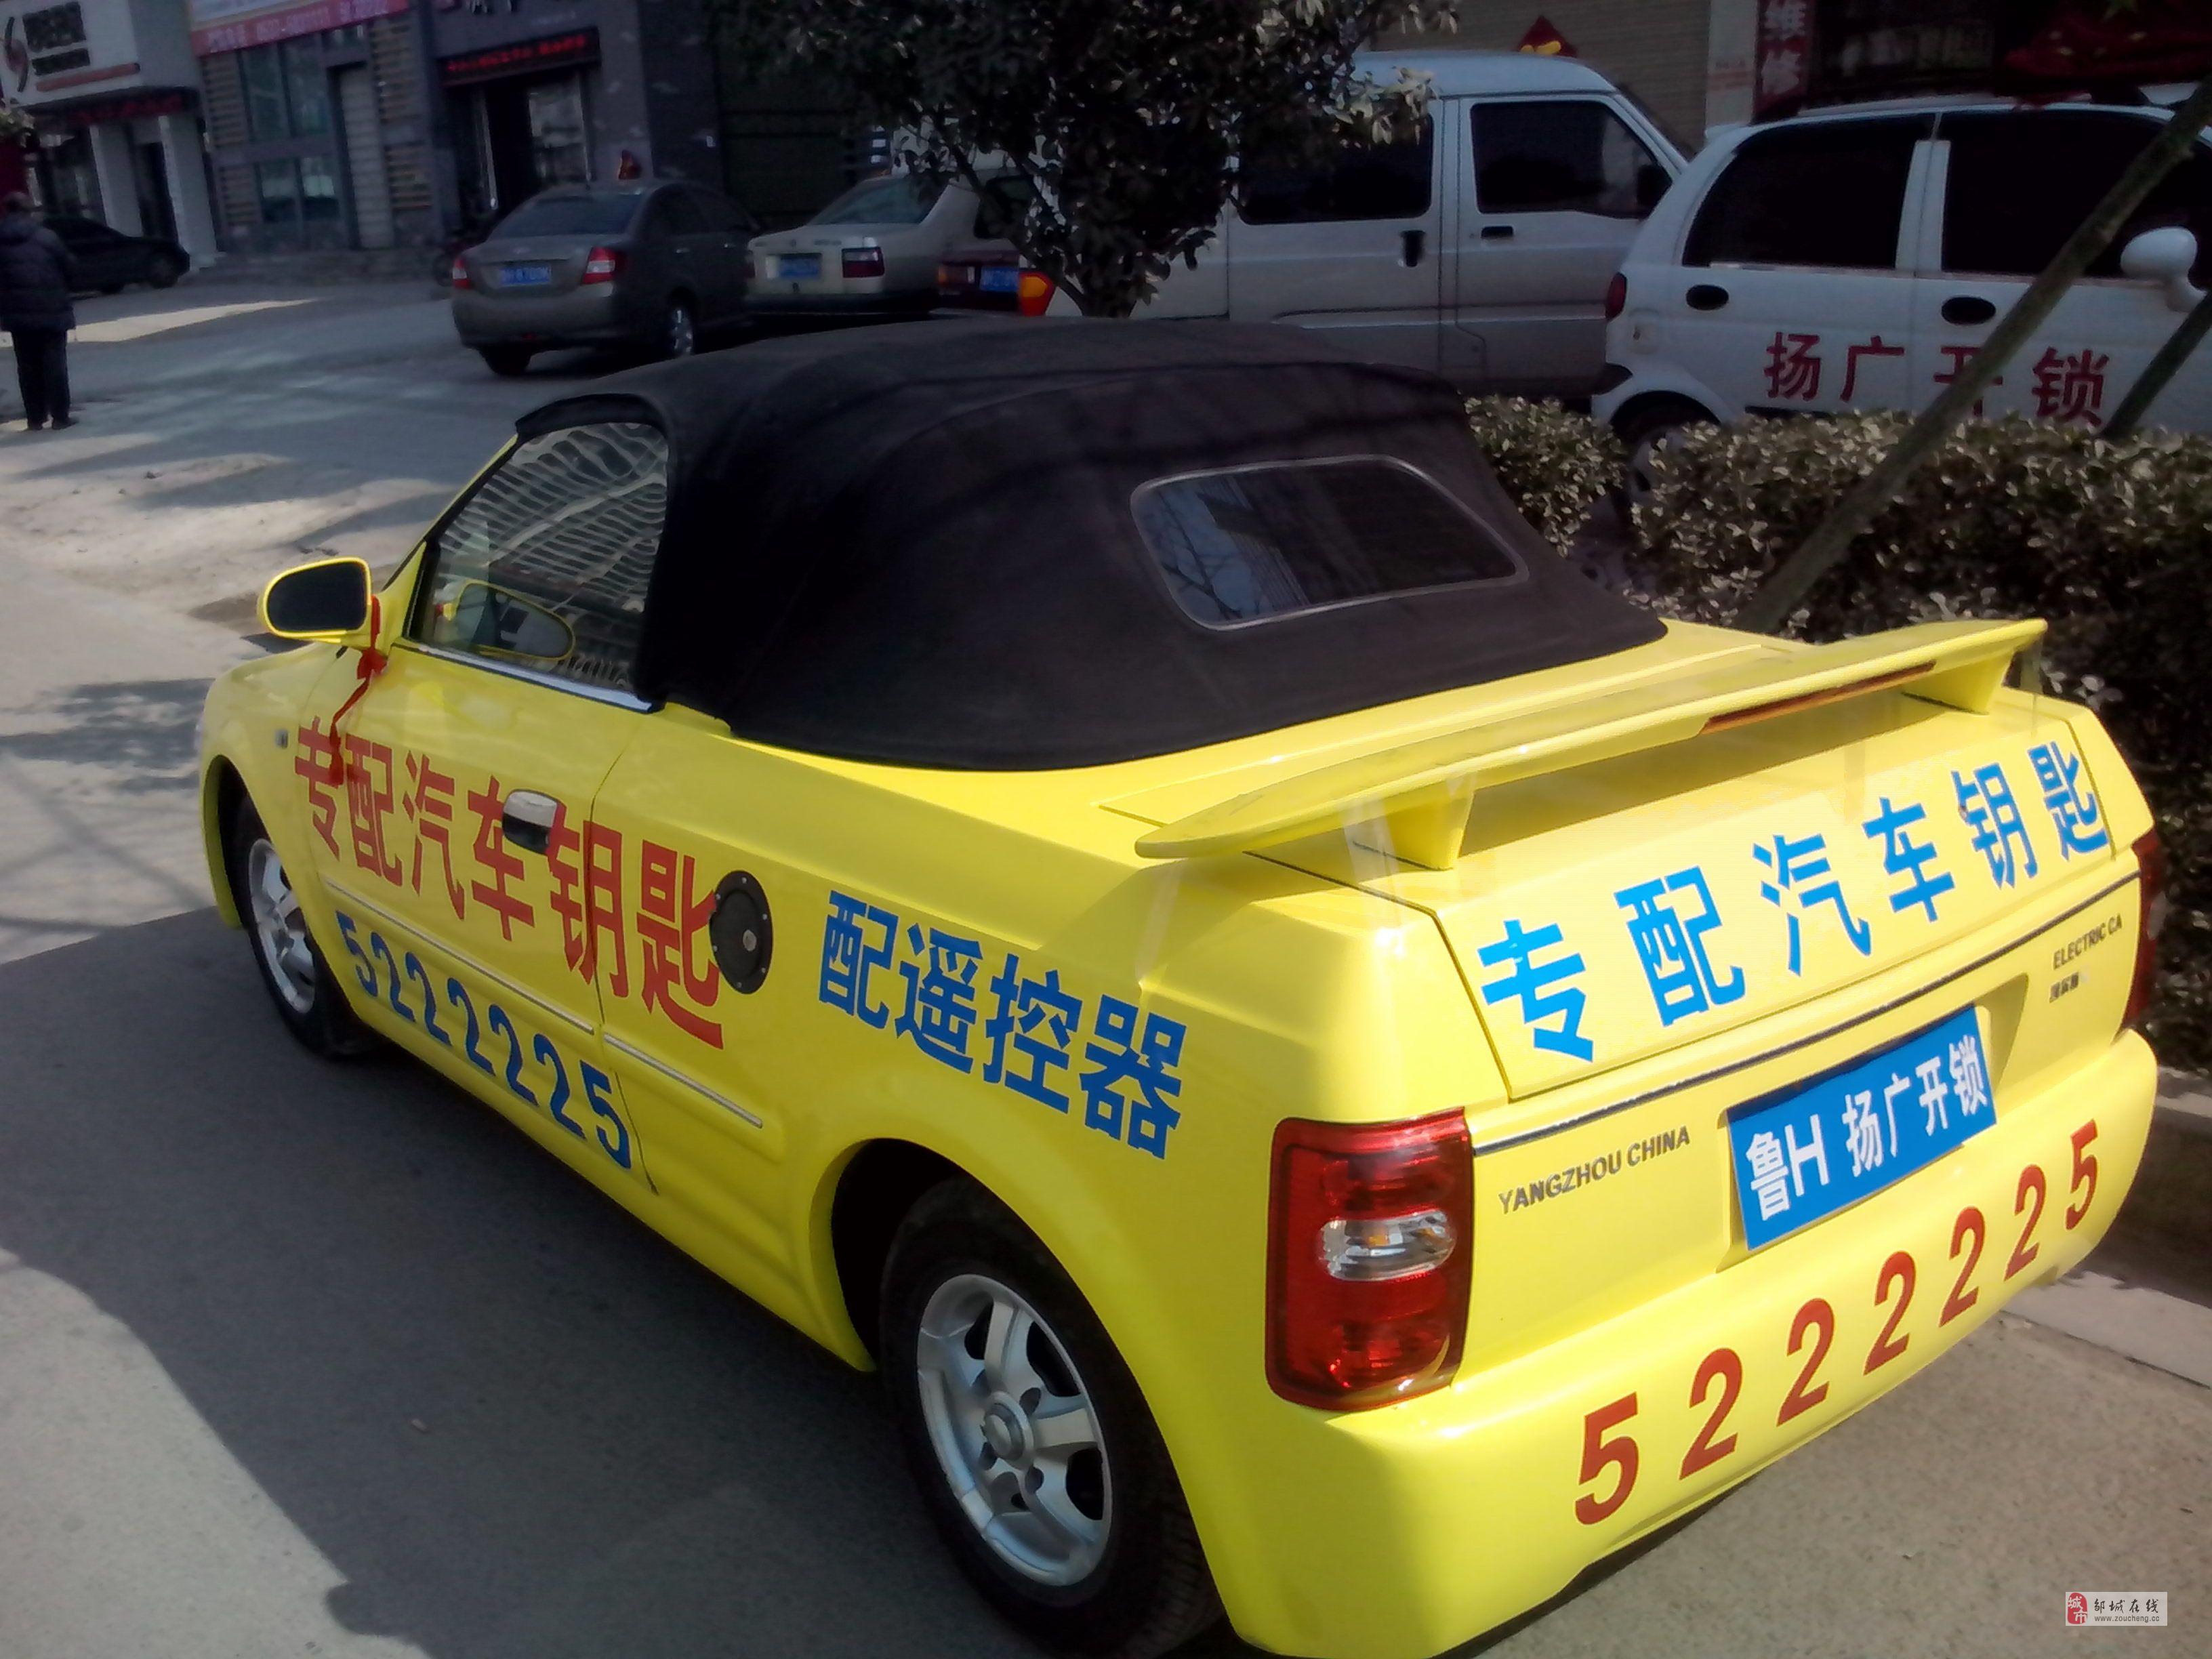 开锁公司车贴_开锁车身广告图片相关图片展示